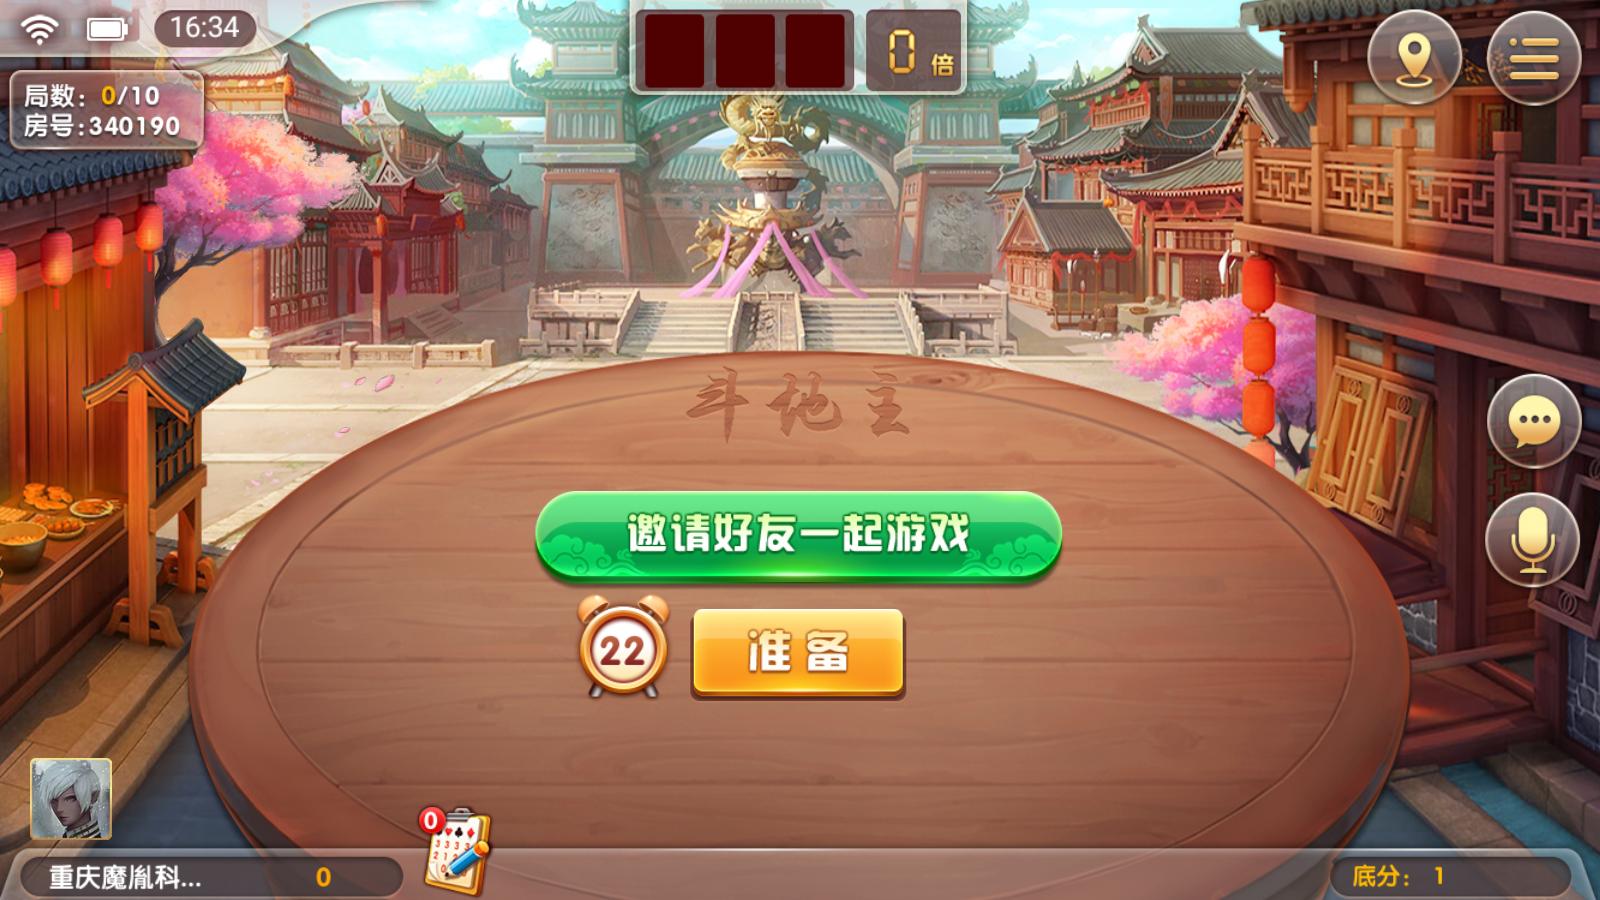 网狐二开跑胡子合集 麻将游戏 字牌游戏 扑克游戏 完整整理-第23张